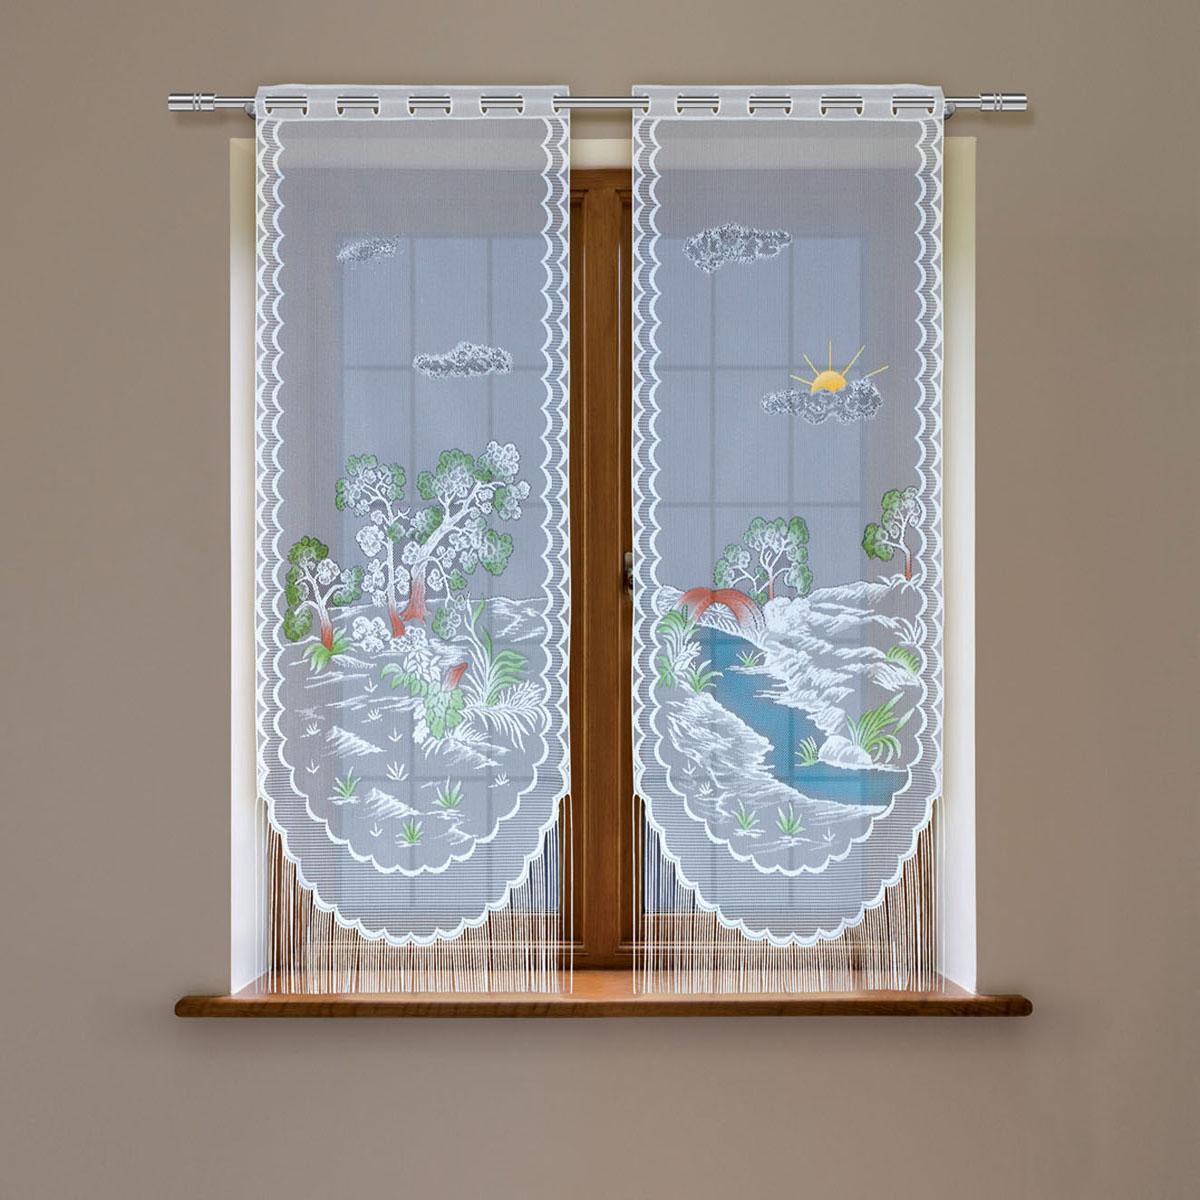 Гардина Haft, цвет: белый, высота 220 смHP20288/1/1E Зебра бежевая, , 145*180(2шт)+подхватГардина имеет в верхней части полотна прорези, через которые гардина-витраж вывешивается на карниз или можно крепить на зажим для штор,котрый в комплект не входит.Комплект состоит из двух полотен (выс.220* шир.60) Размеры: (высота 220* ширина 60)*2